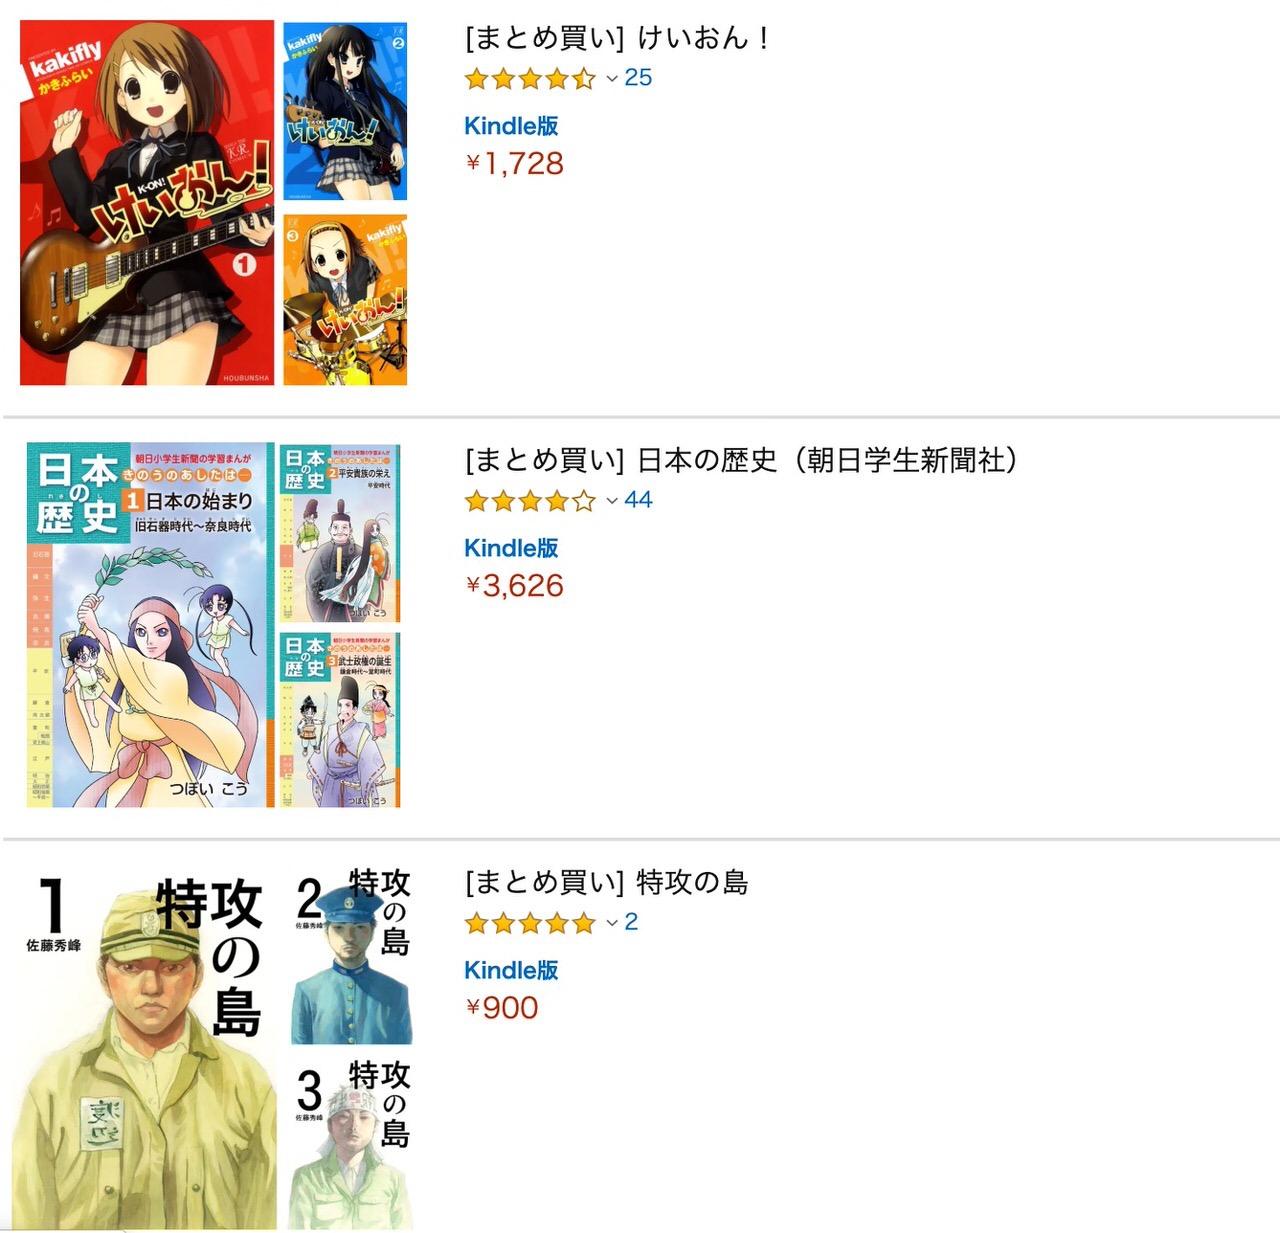 【Kindleセール】けいおん!、特攻の島、日本の歴史など「Kindle本最大70%OFFセール まとめ買い」開催中